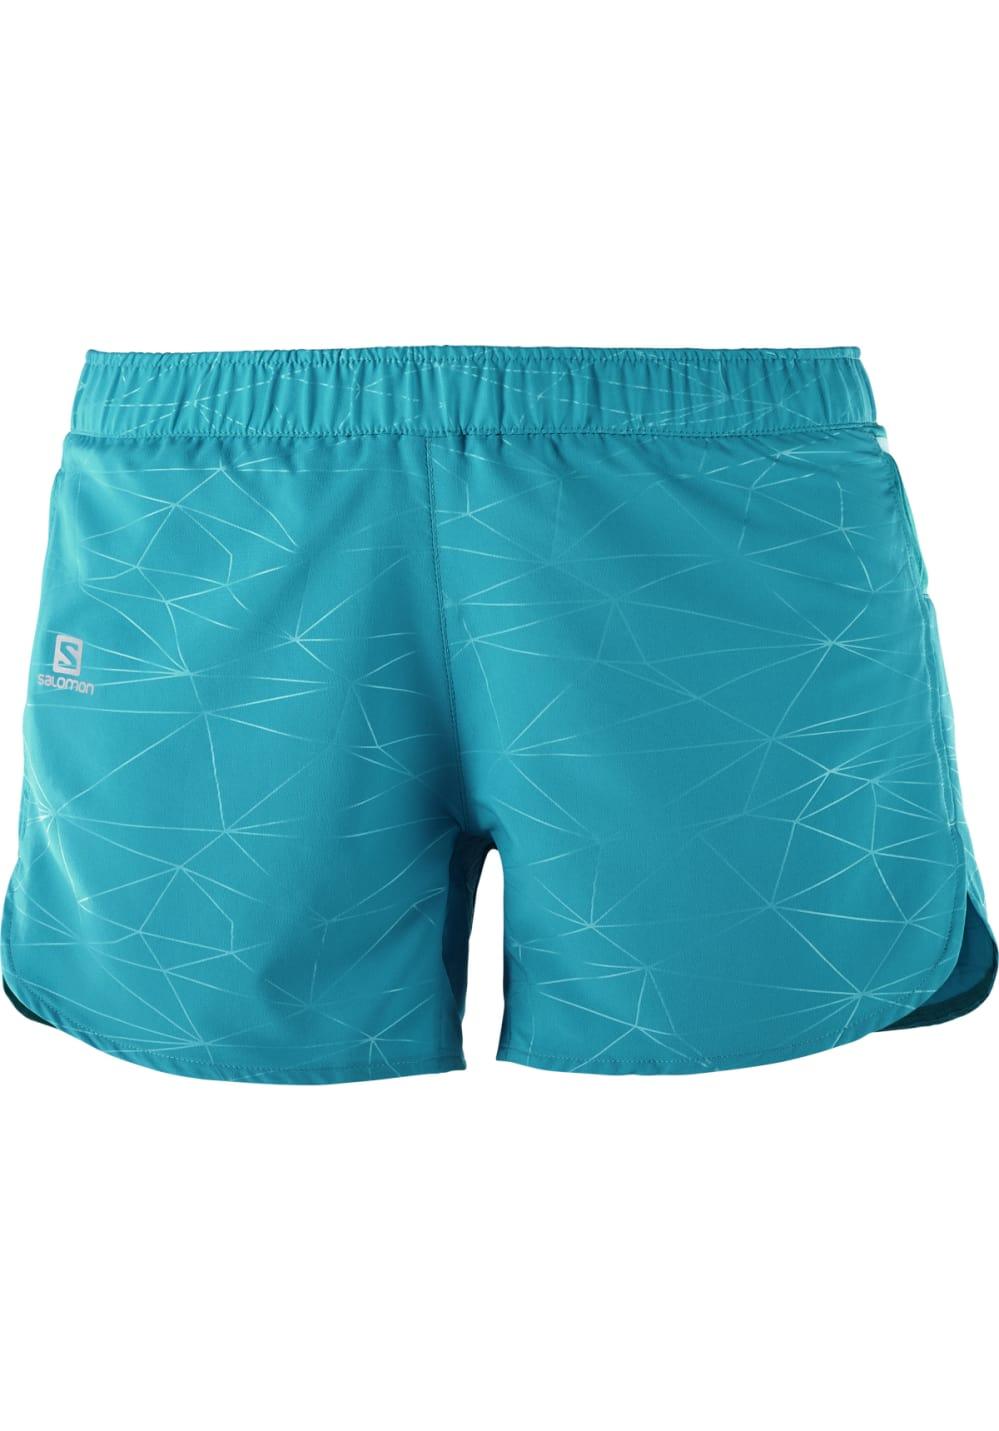 Sportmode für Frauen - Salomon Trail Runner Short Laufhosen für Damen Blau  - Onlineshop 21Run